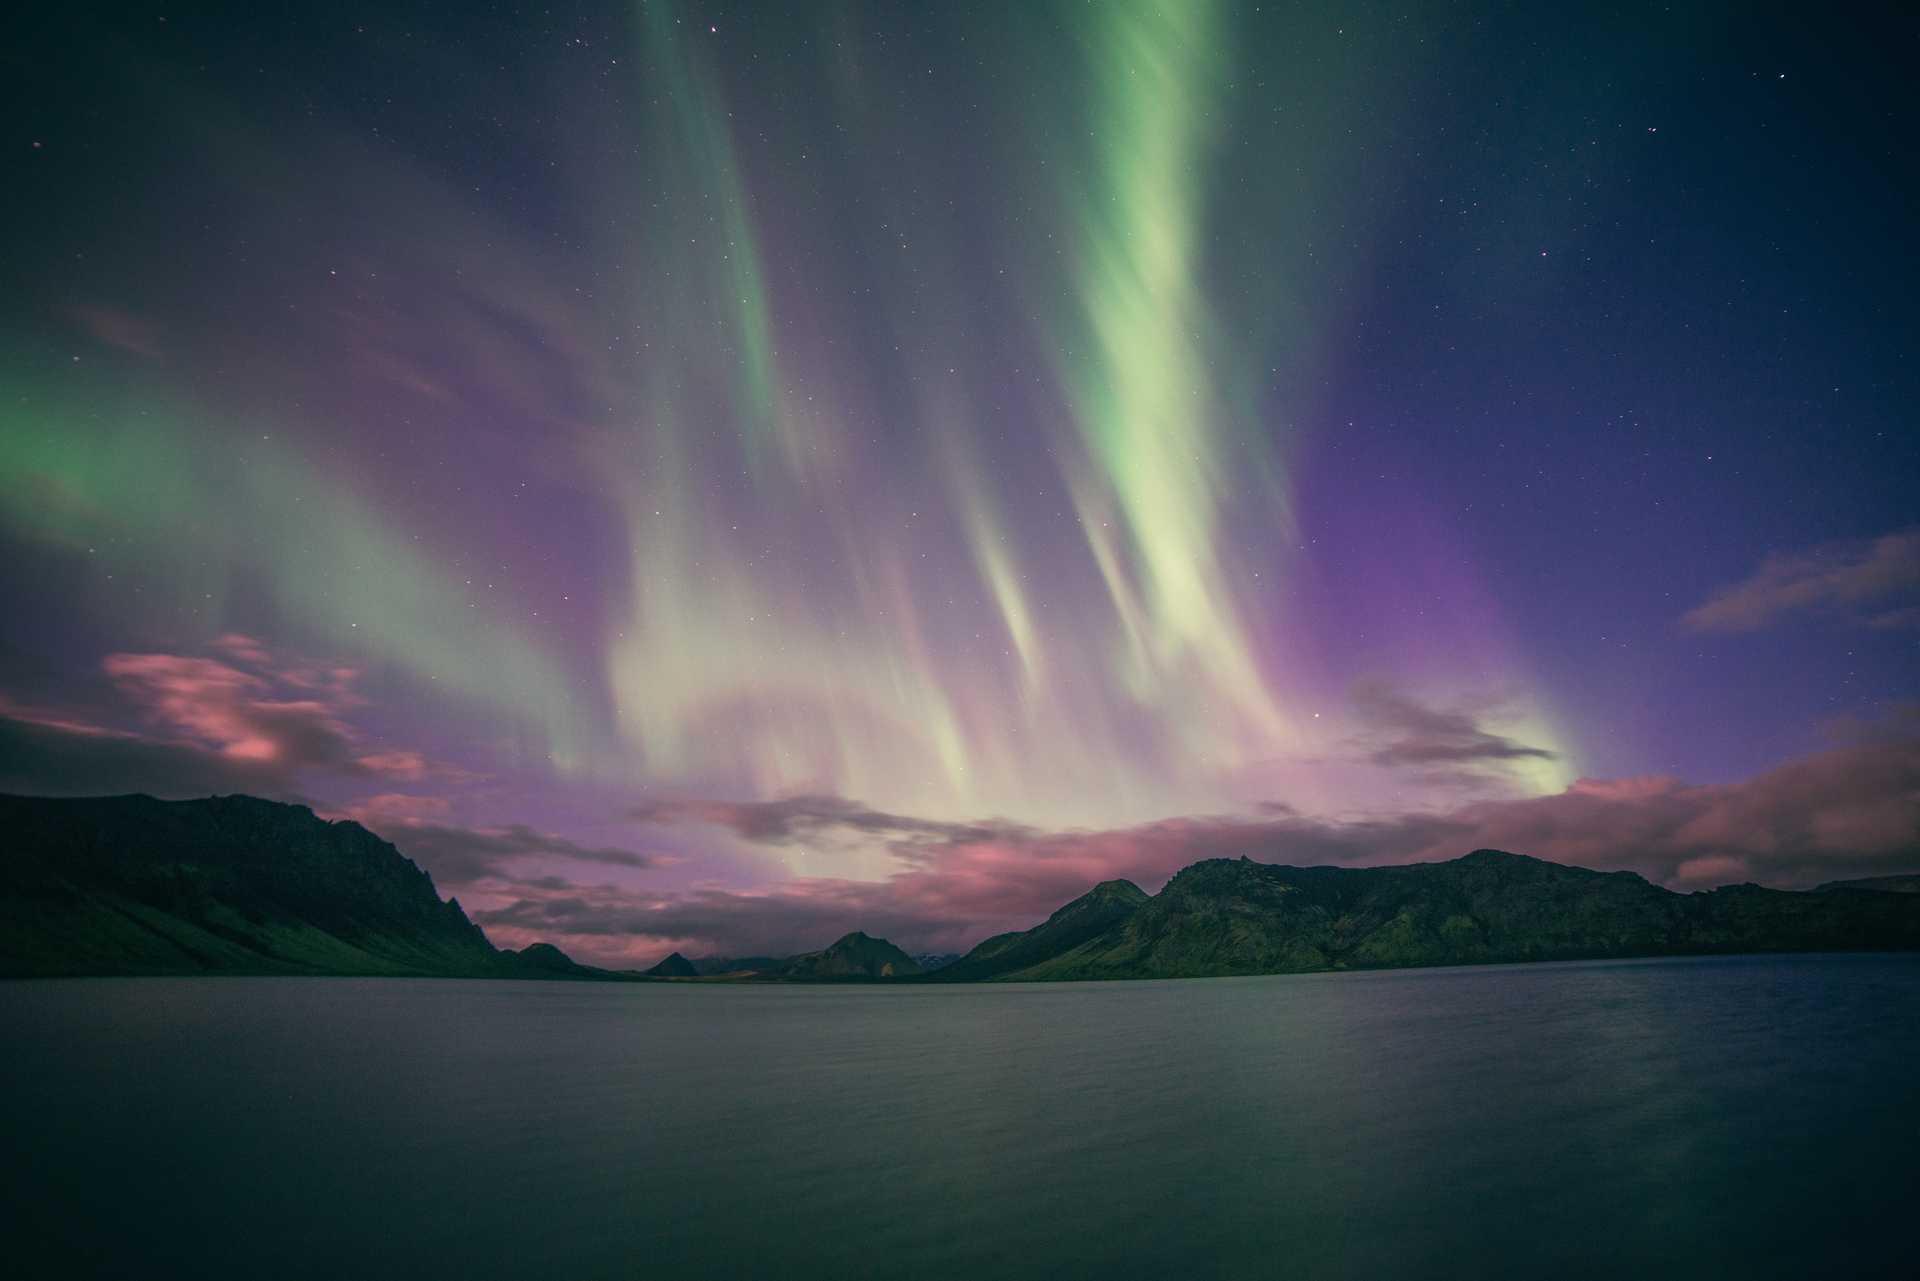 Aurores boréales depuis la mer, au large des Lofoten